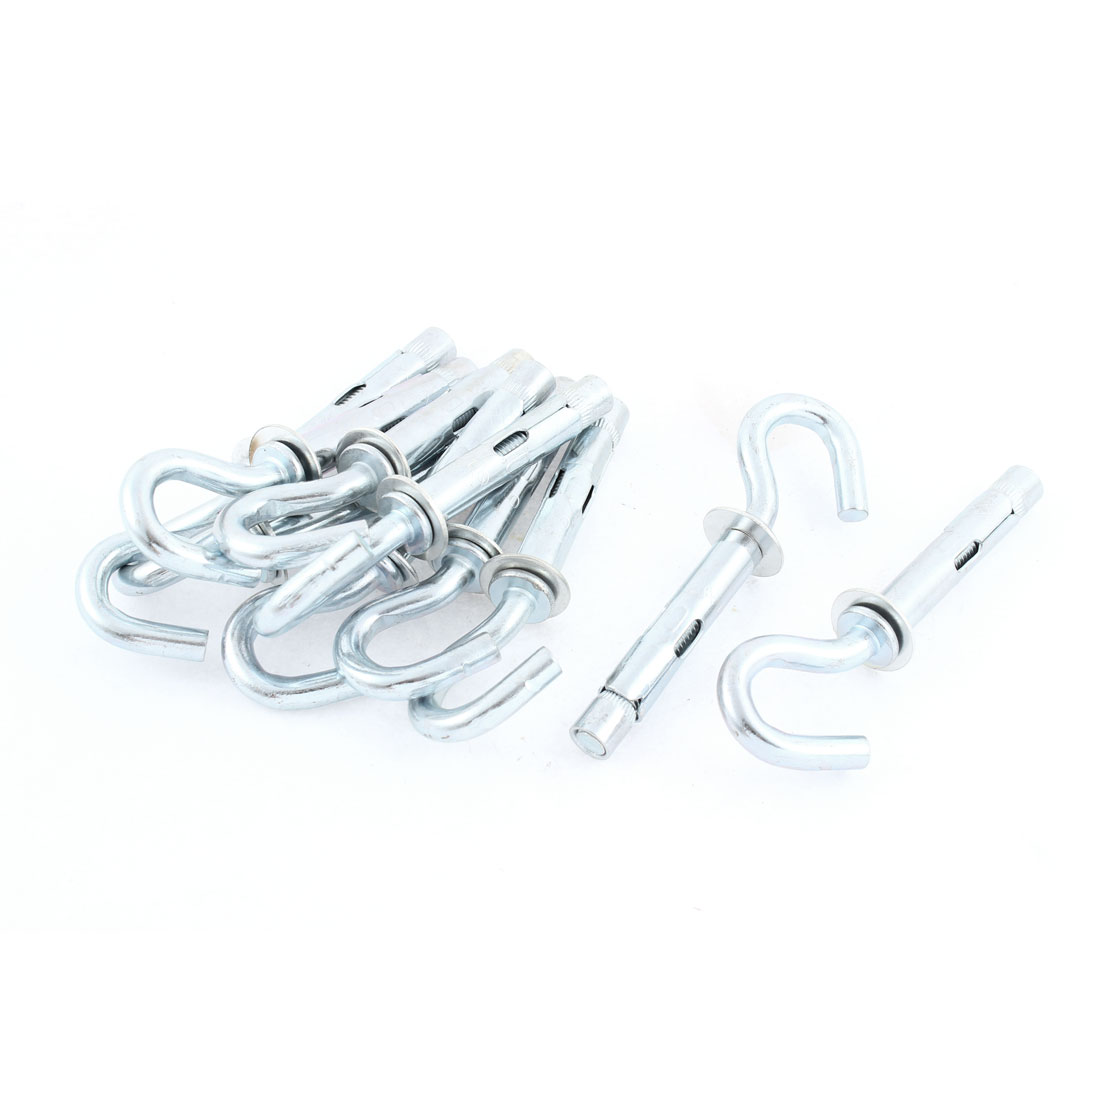 10 Pcs Motorcycle Silver Tone Metal Hanger Hook Shopping Bag Holder 8mm